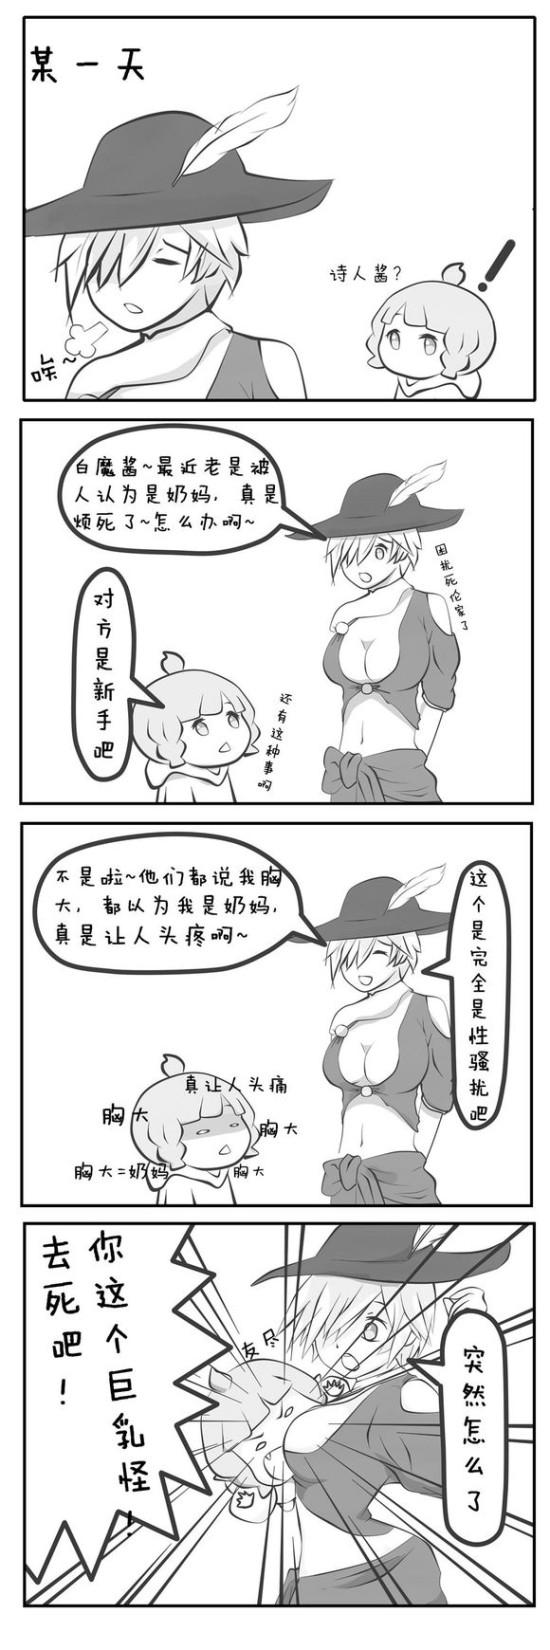 《最终幻想14》漫画 不提胸围我们还能做朋友